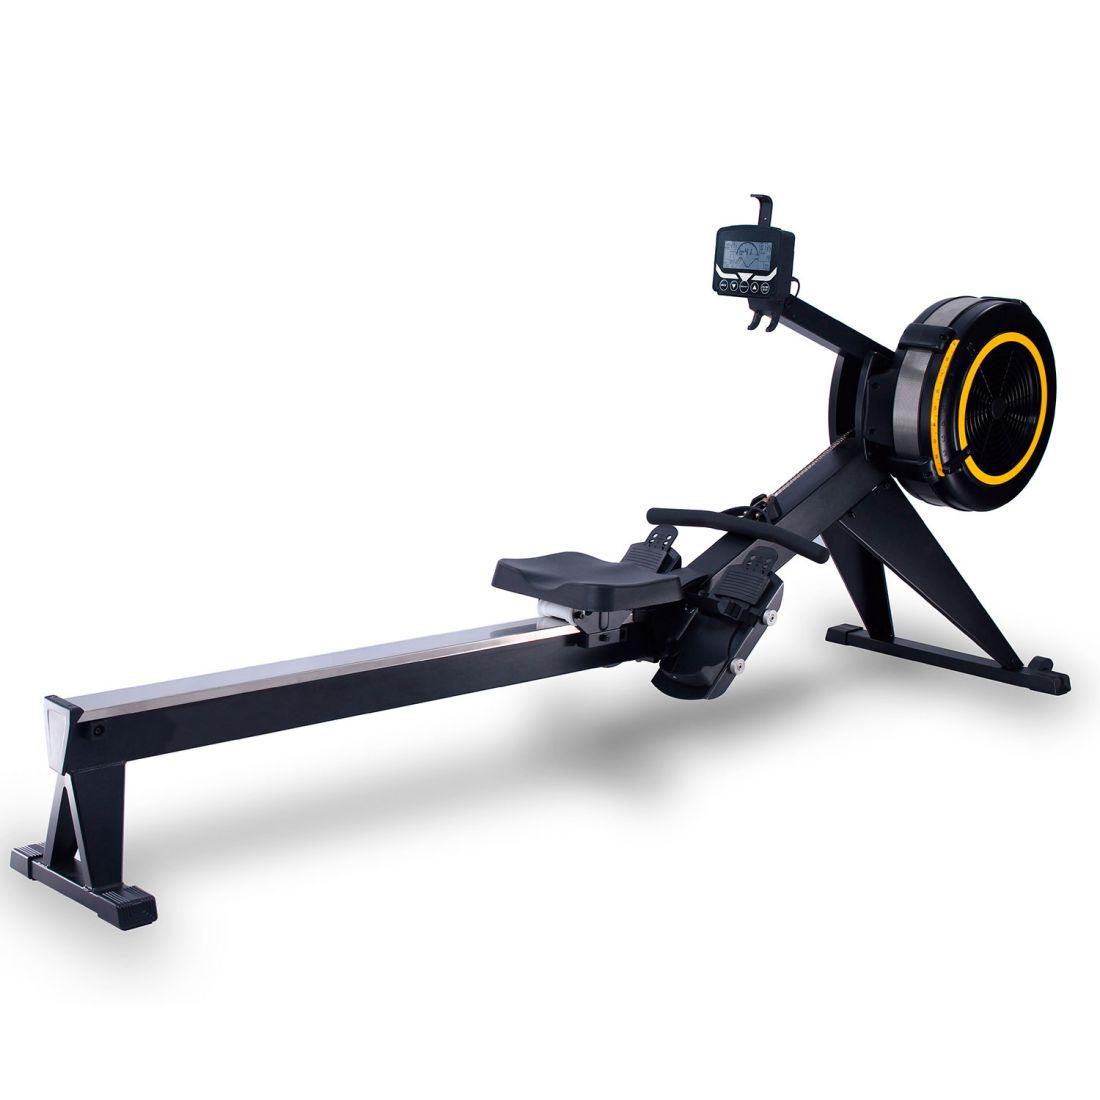 DFC Air Rower R1000